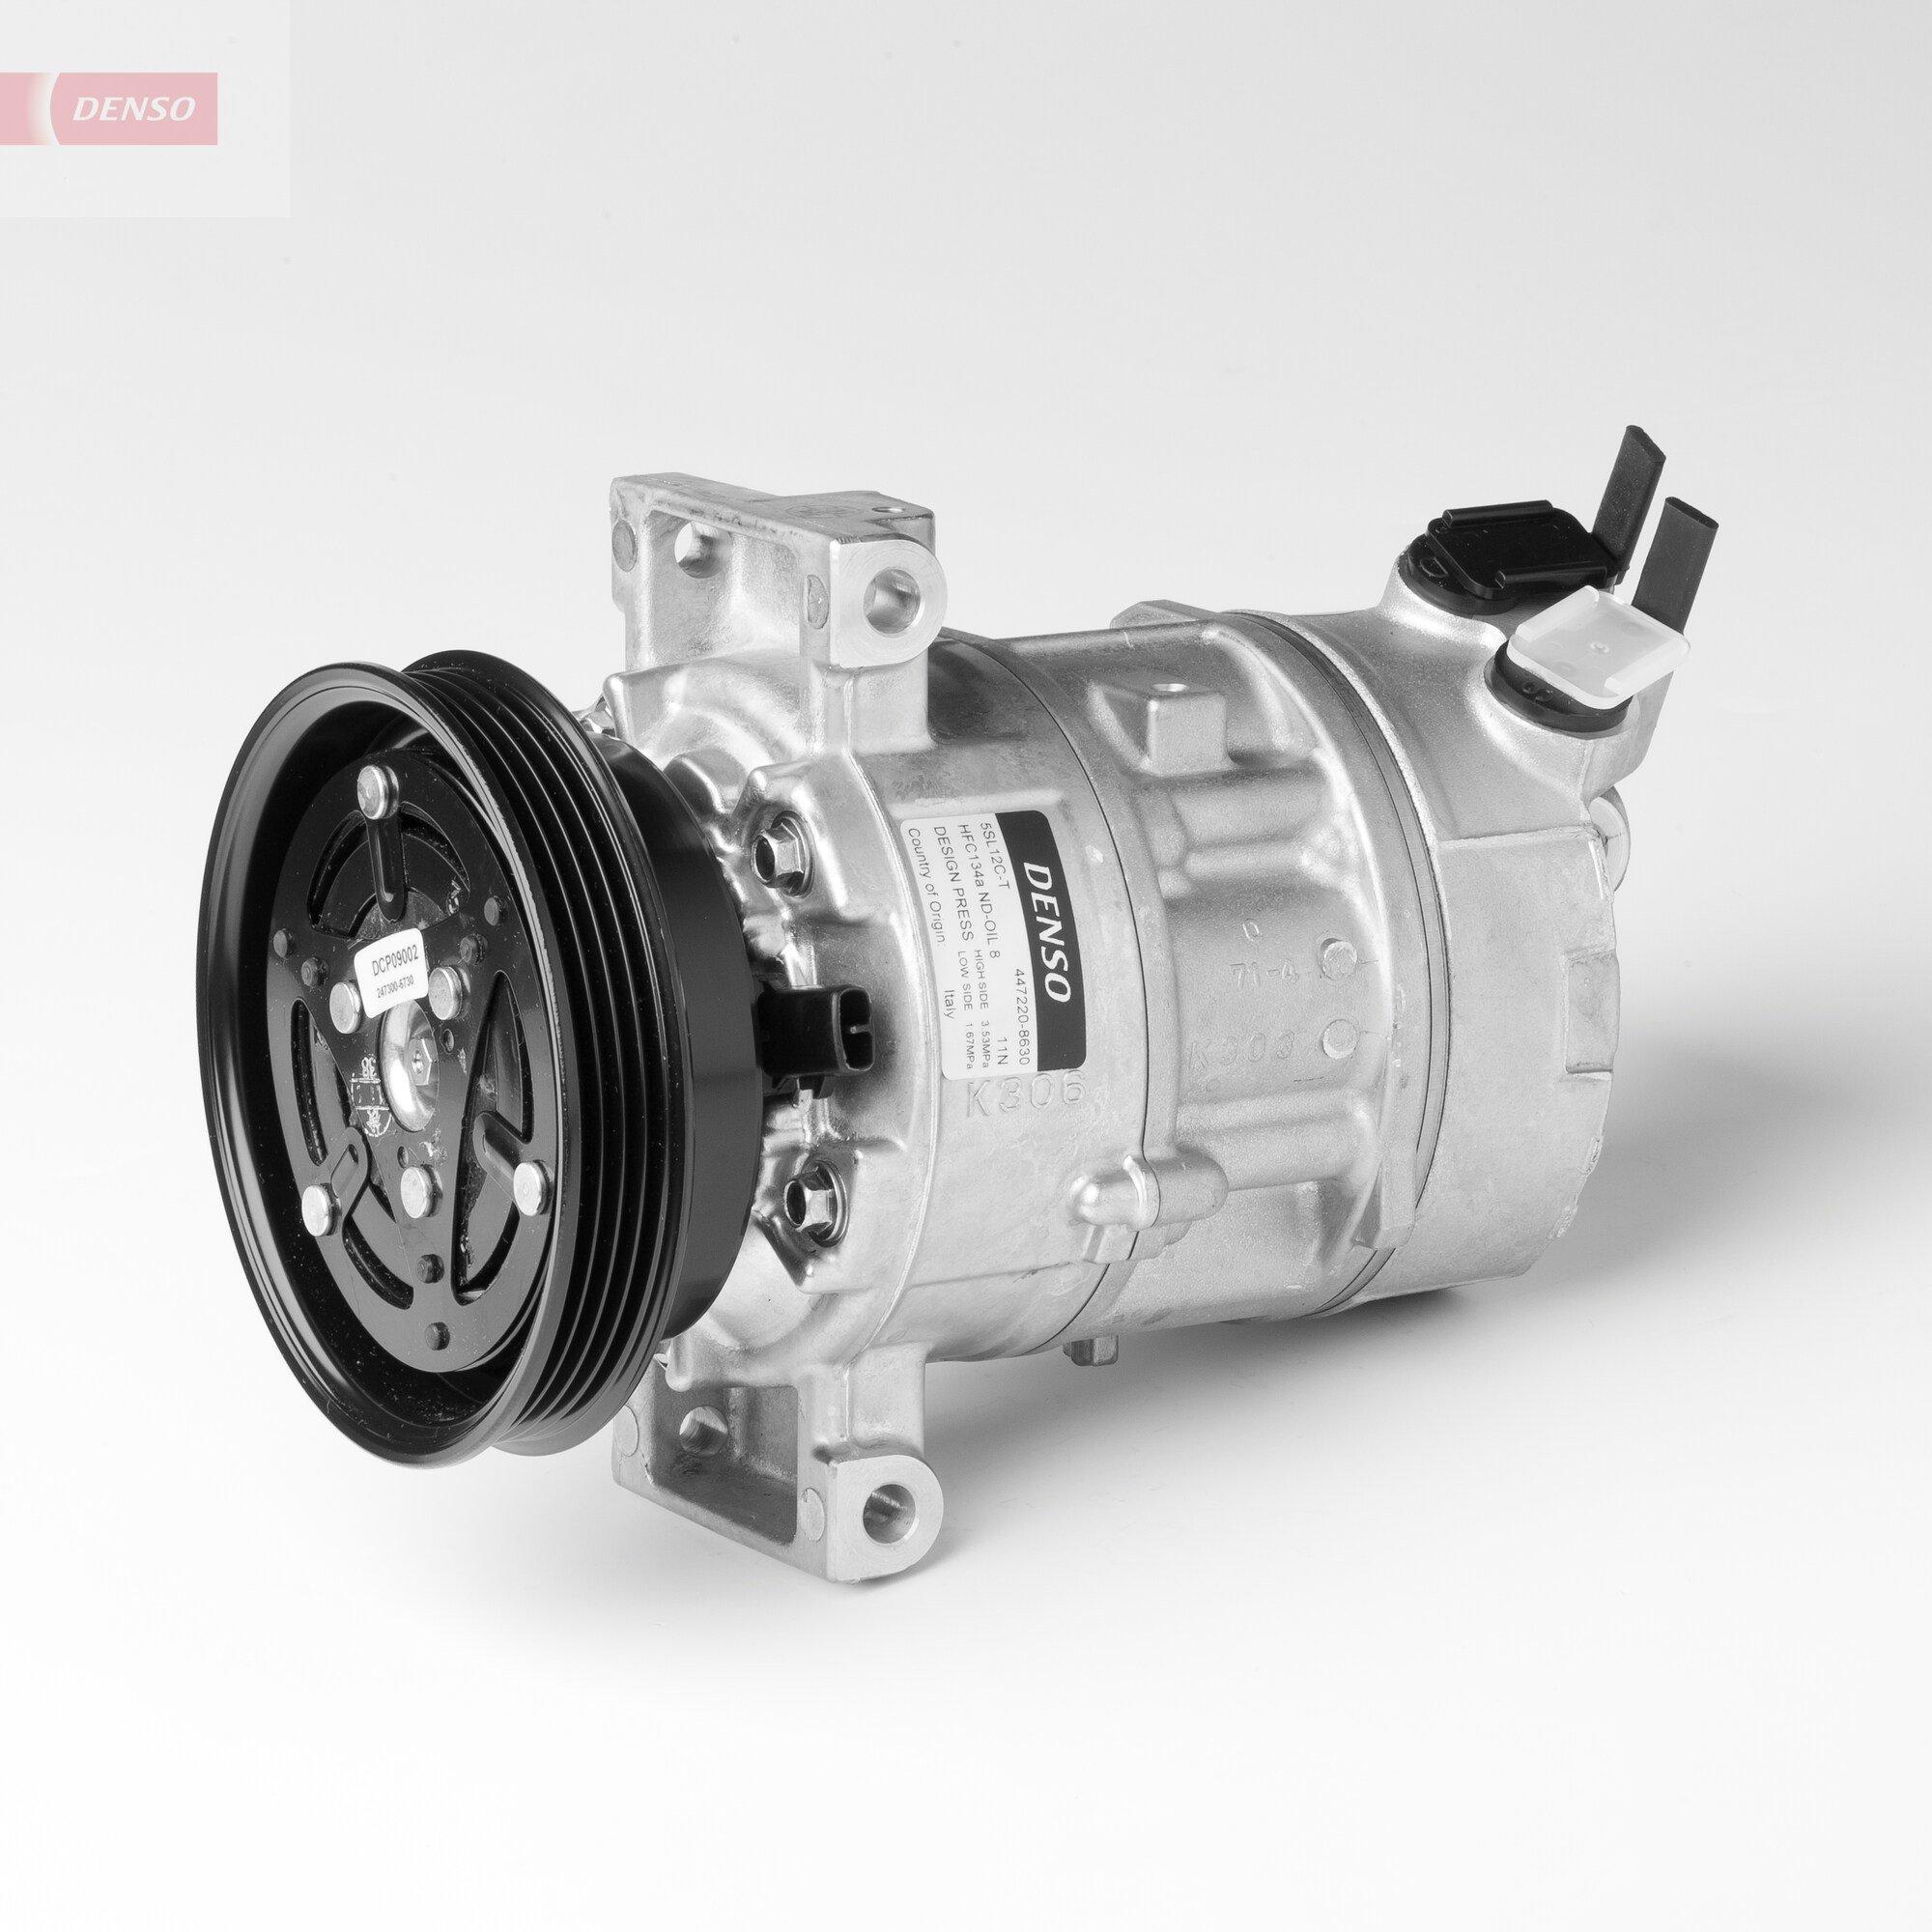 Kompressor, Klimaanlage 12 V DENSO DCP09002